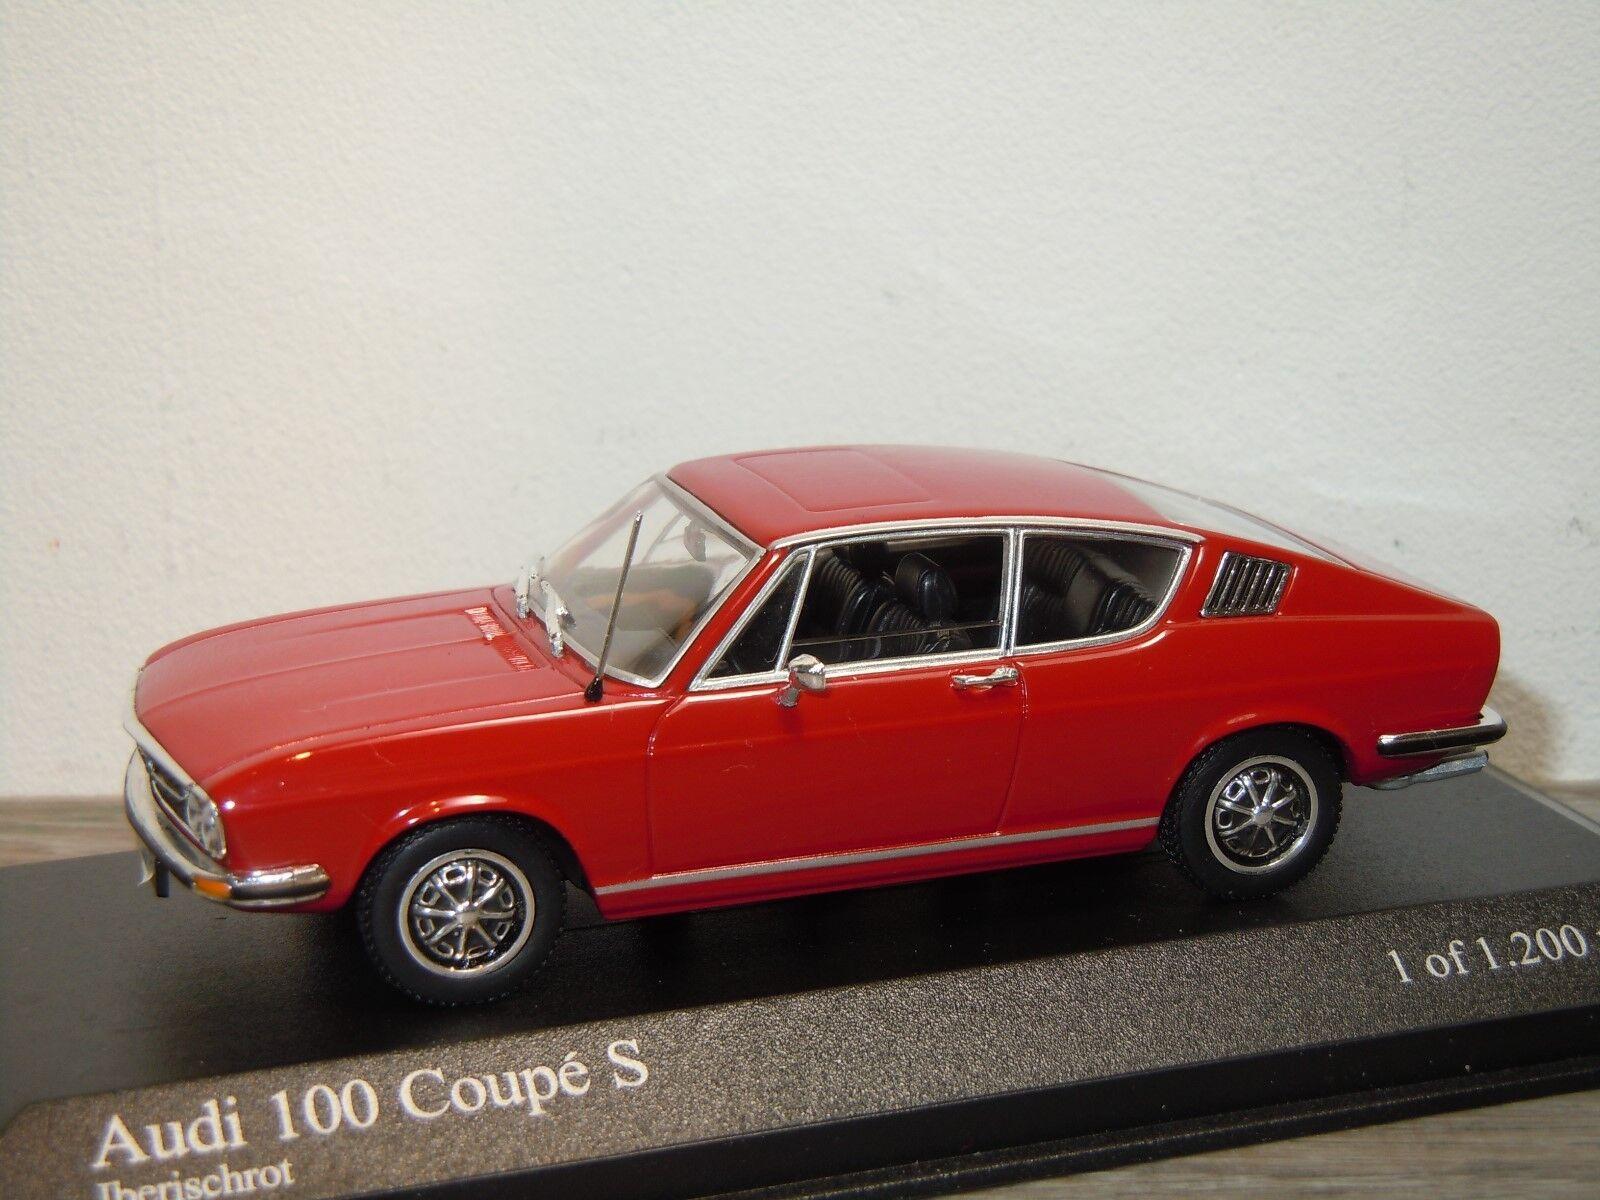 Audi 100 coupé s 1969  75 - minichamps 1 43 in kasten  34329